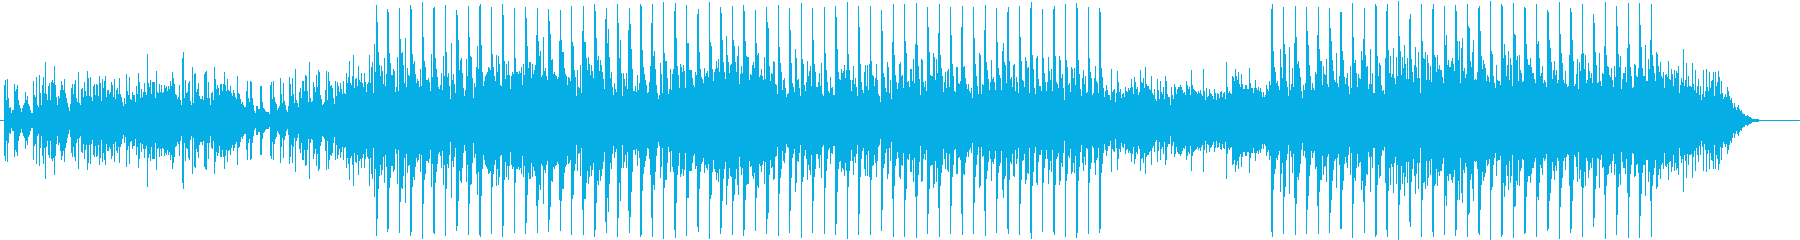 おしゃれ、ハイテクのリズム音楽の再生済みの波形